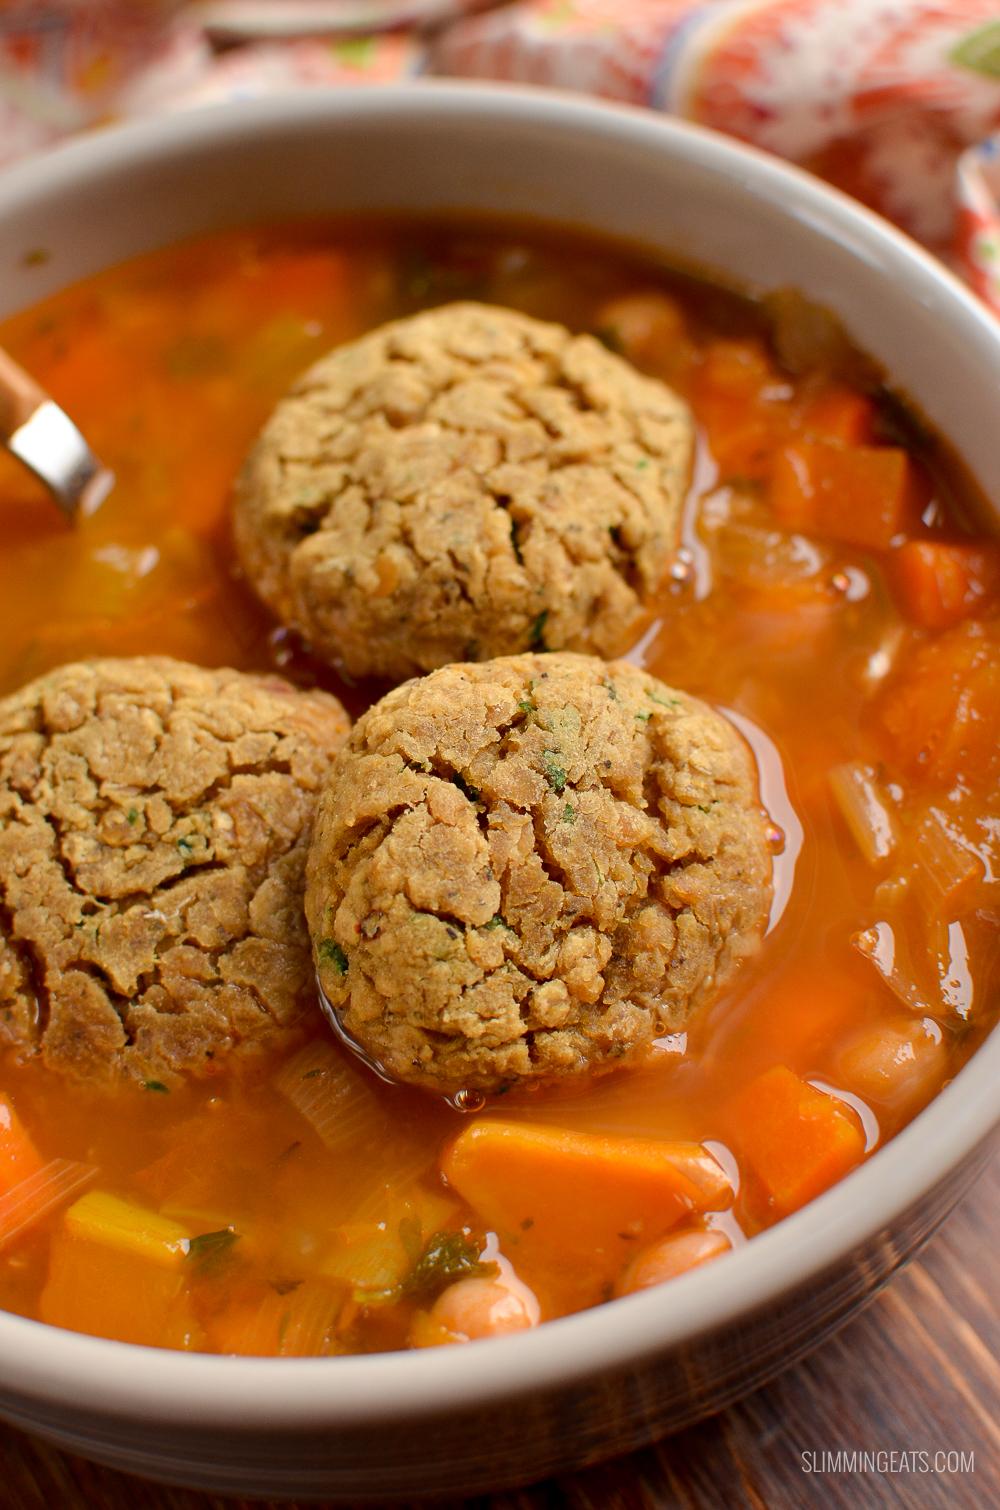 dumplings in bowl of vegetable and bean stew